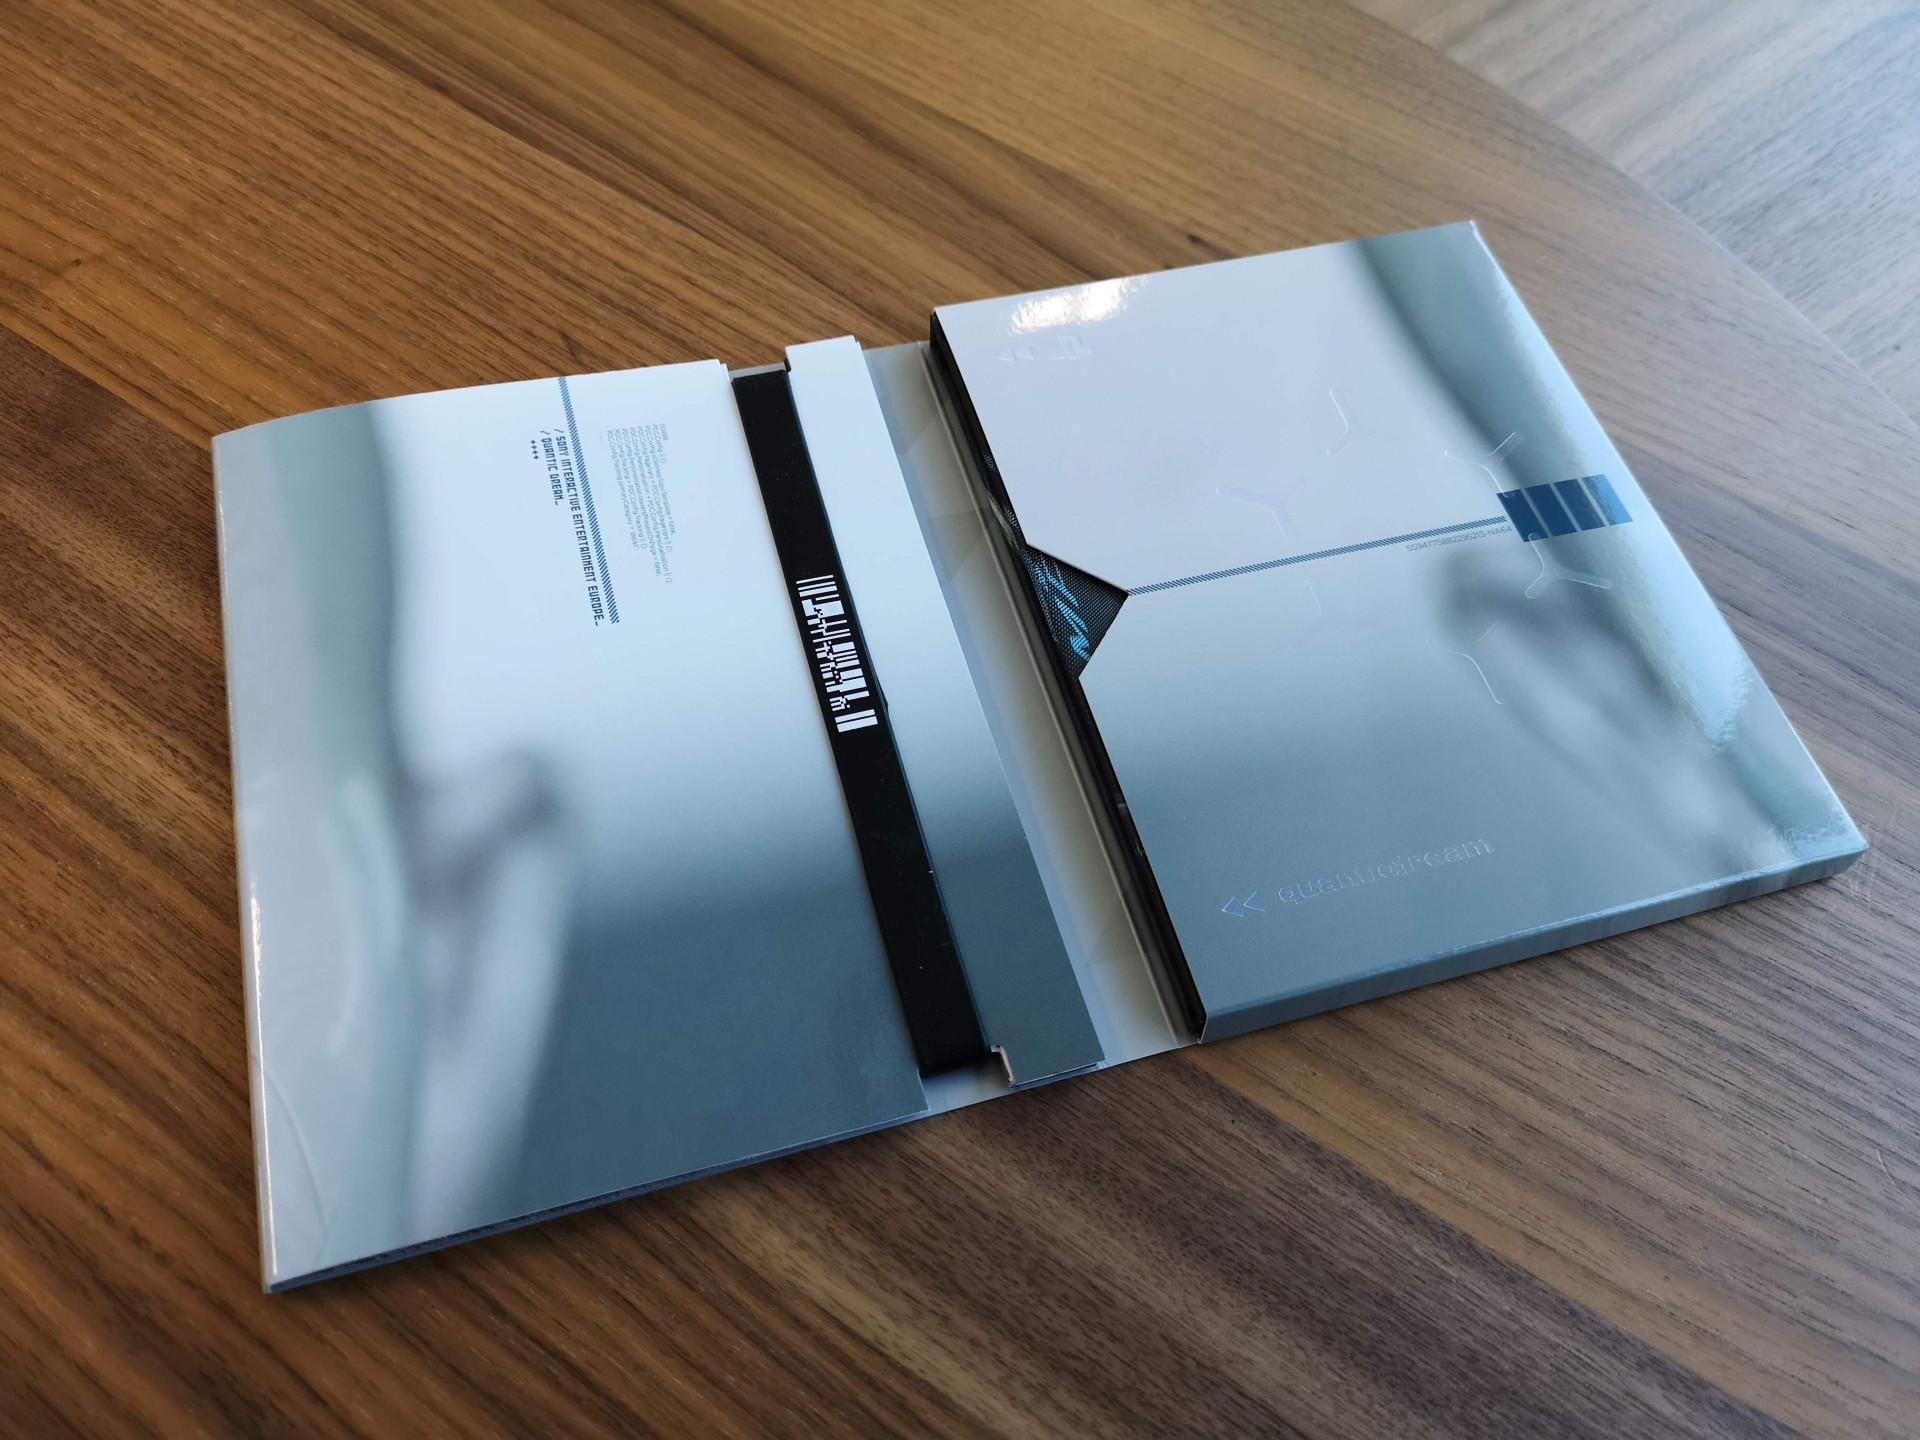 Recebemos uma edição muito especial do novo exclusivo PS4